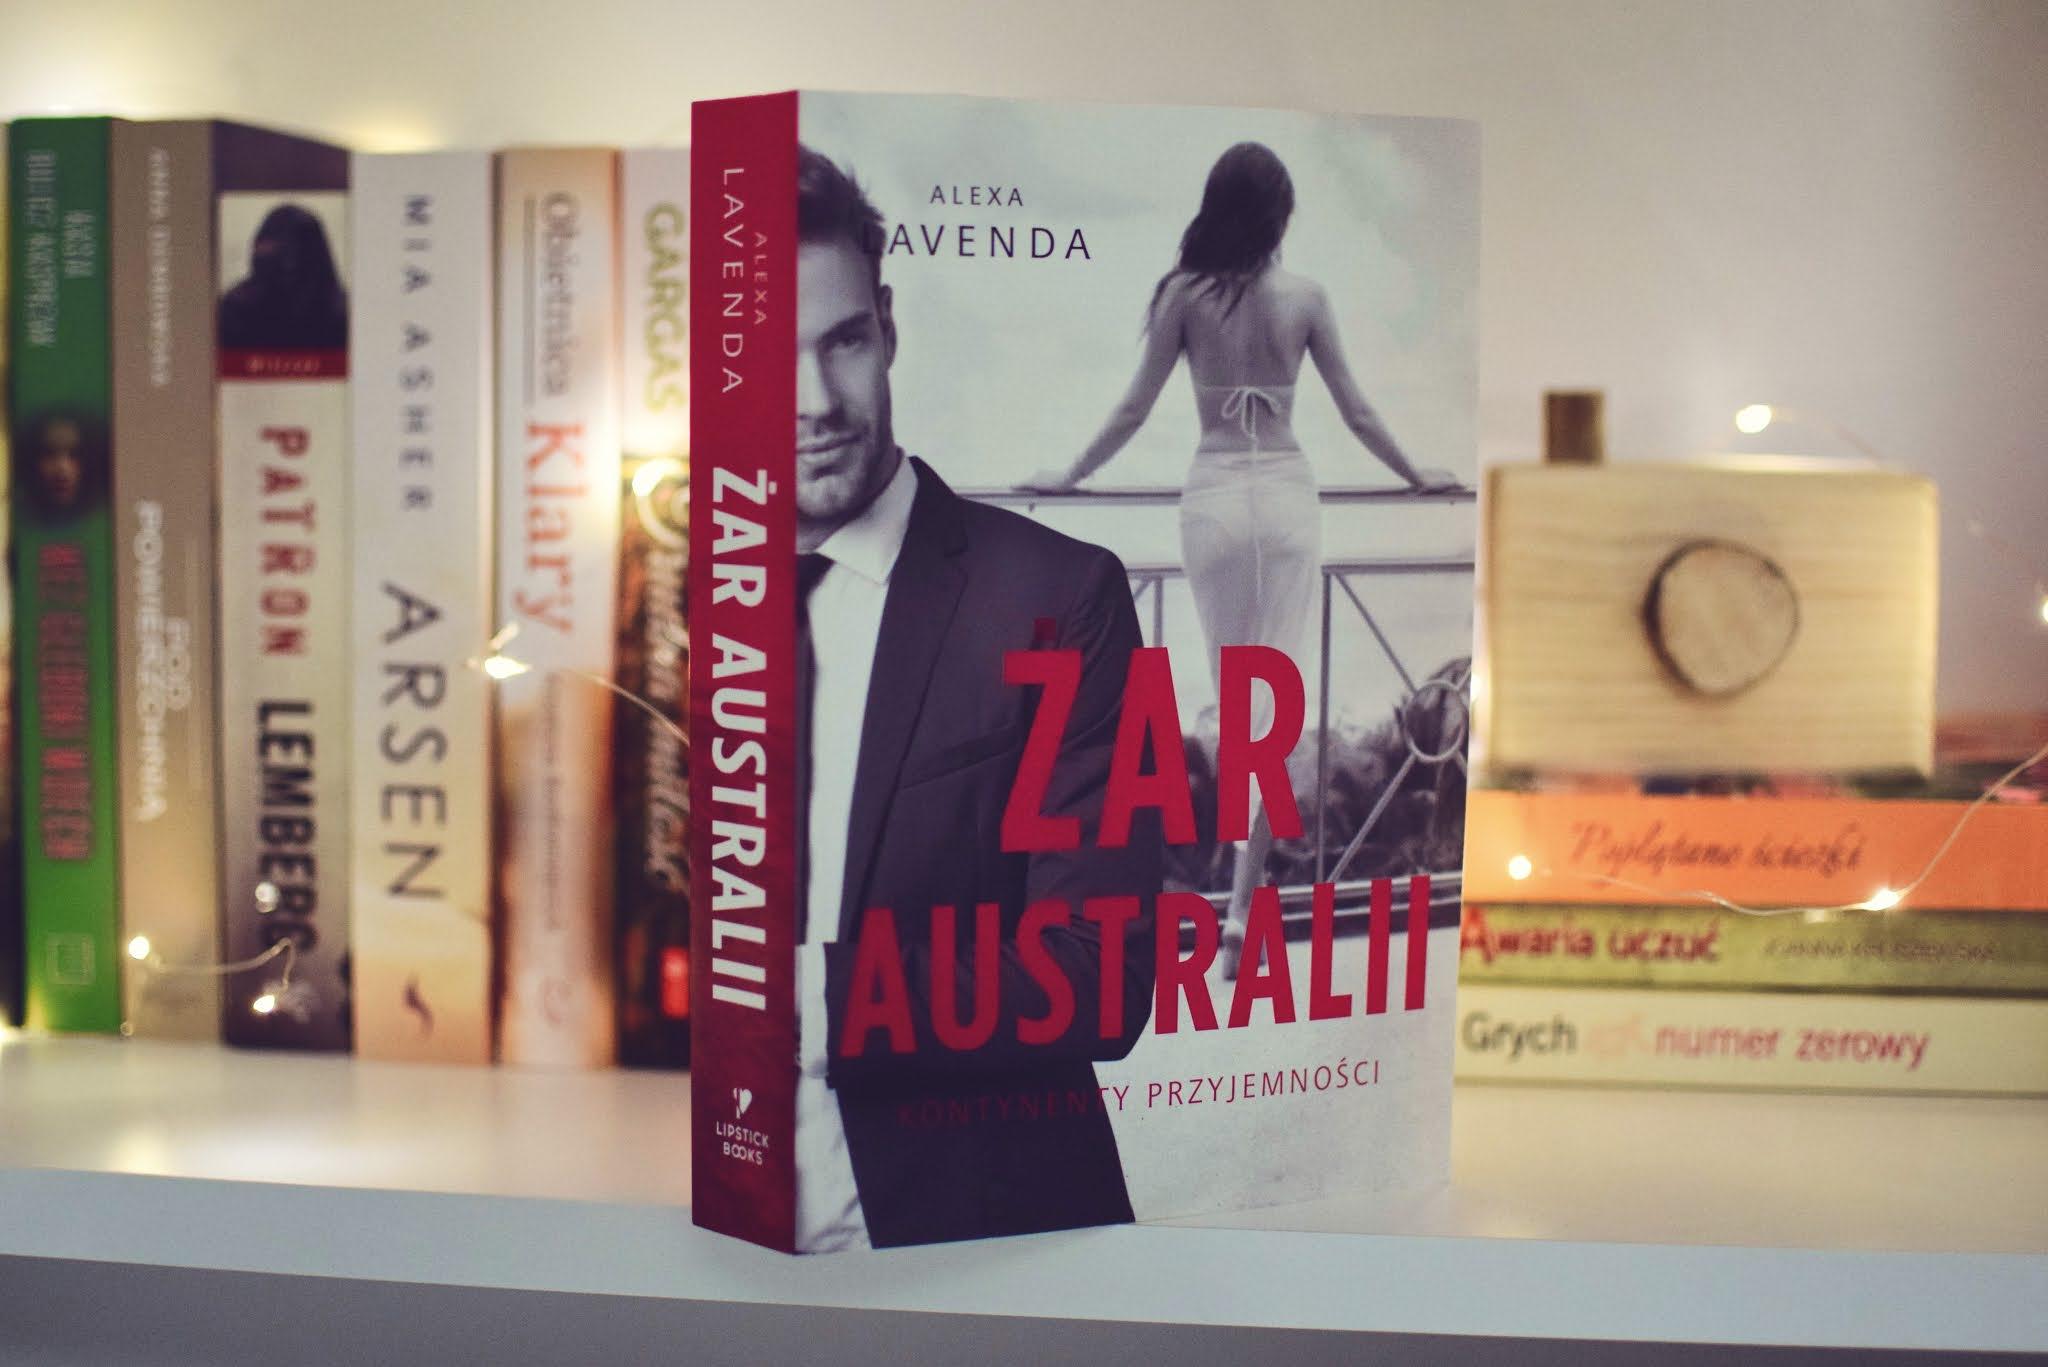 ŻarAustralii, AlexaLavenda,WydawnictwoLipstickBooks,opowiadanie,recenzja,romans,bogactwo,